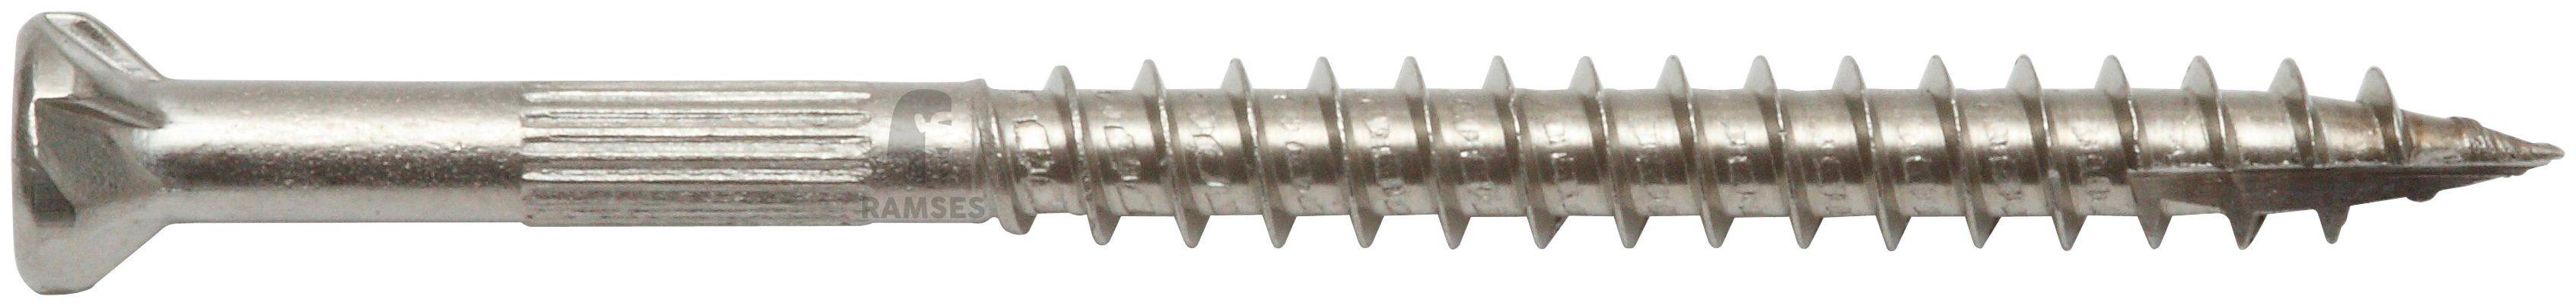 RAMSES Schrauben , Zaunschraube 5 x 70 mm 100 Stk.